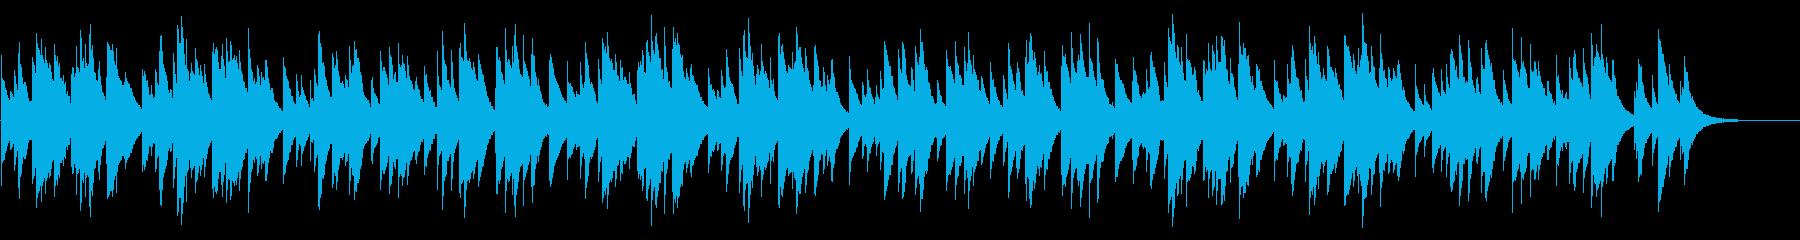 花 72弁オルゴールの再生済みの波形